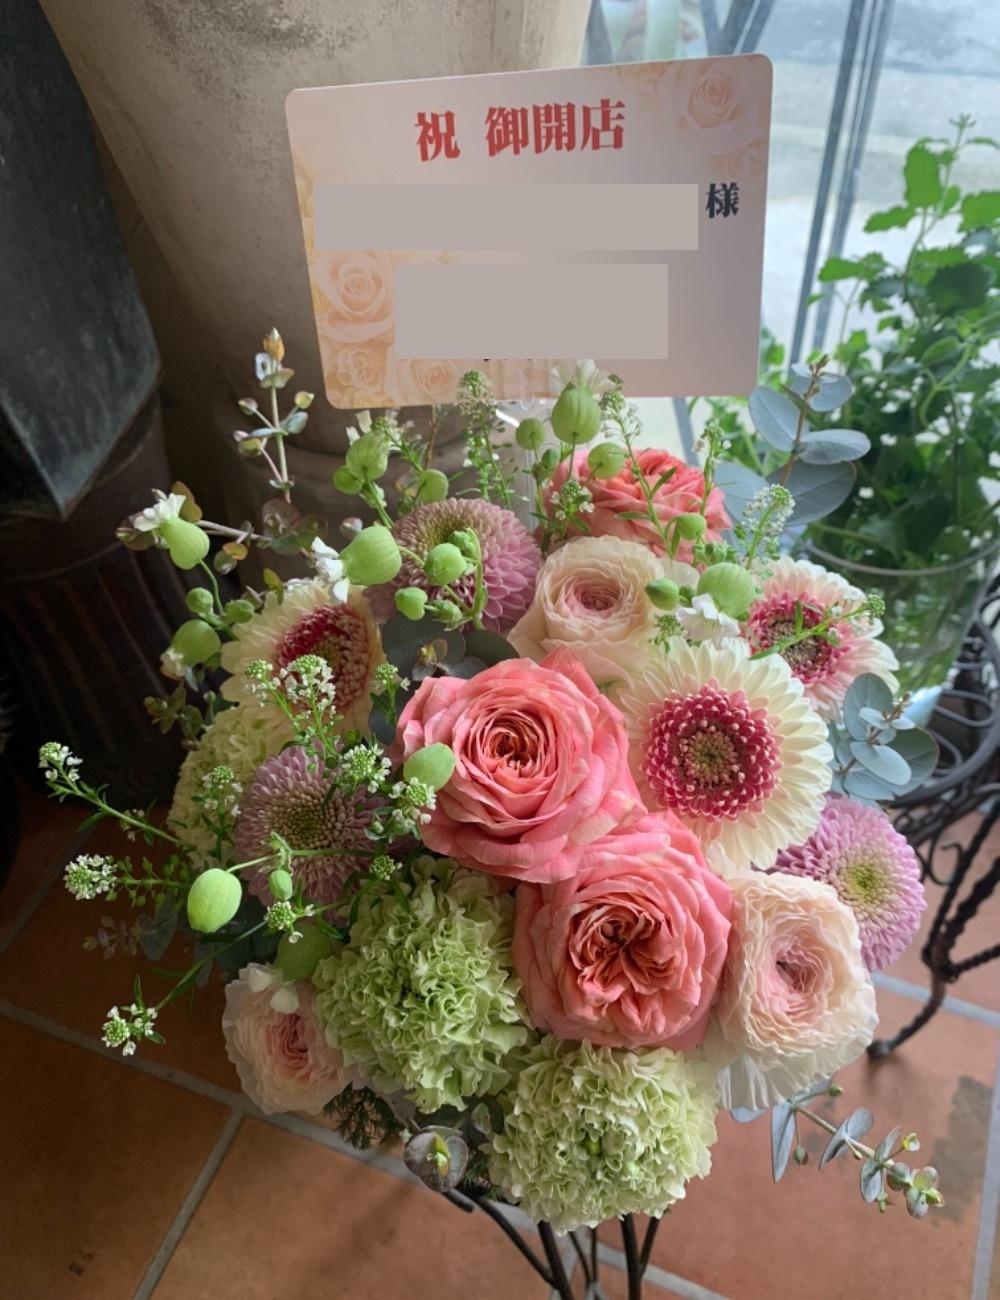 お店の雰囲気に合わせたピンク系の上品な可愛らしさのあるナチュラルな色合いの開店祝い花